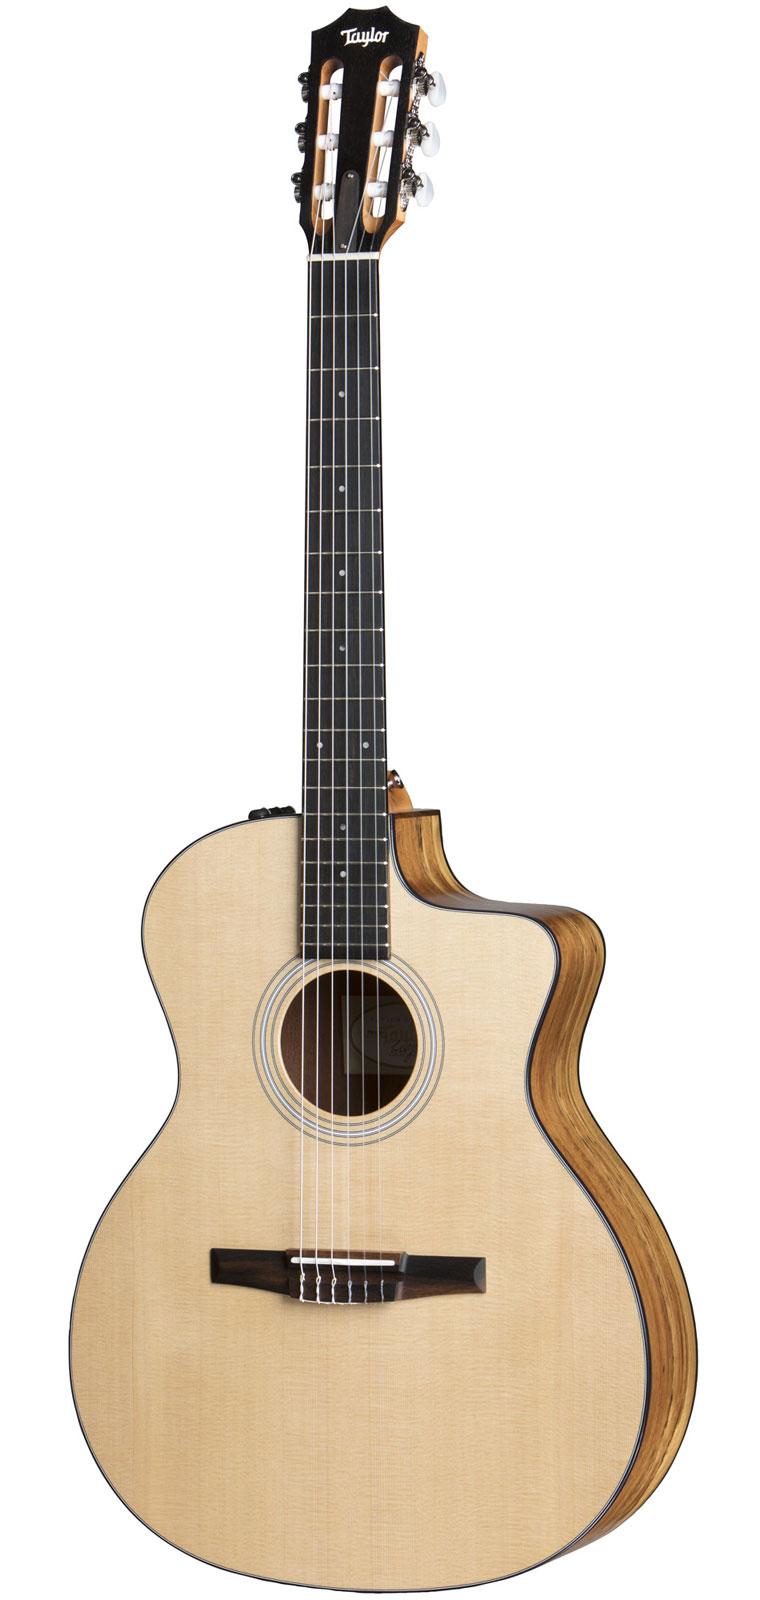 Taylor Guitars 114ce-n Ltd 2019